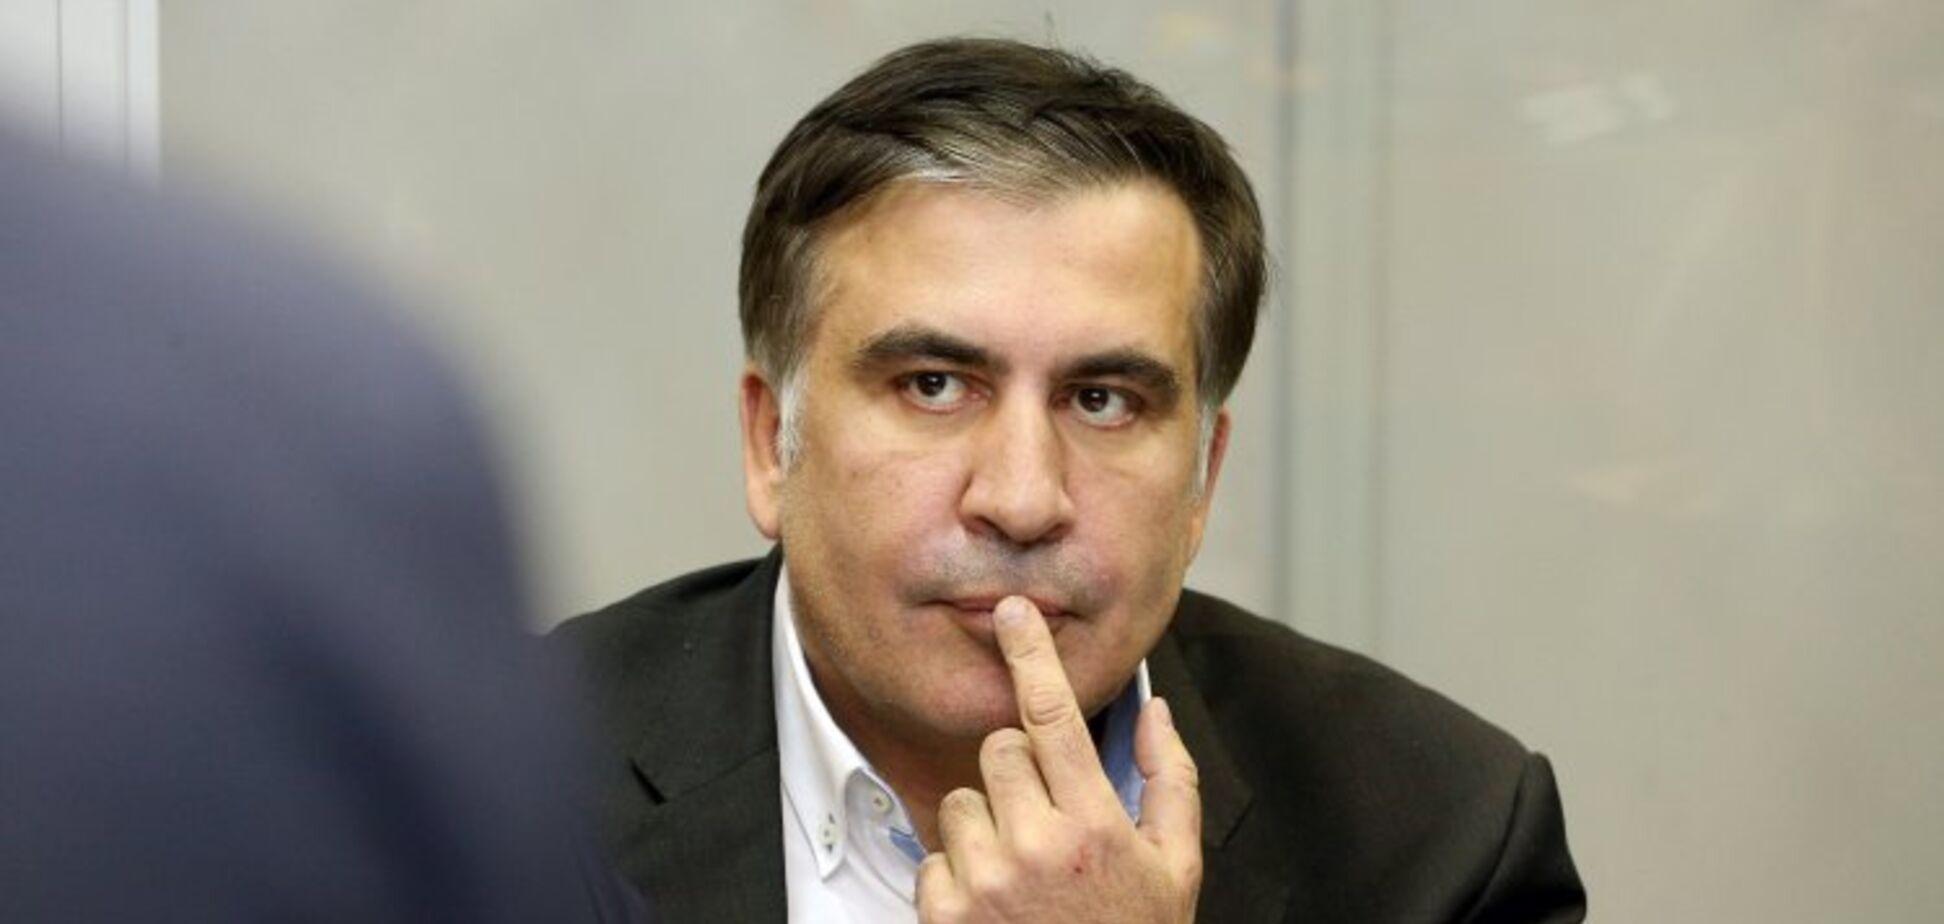 Саакашвили унизил украинского героя с Донбасса: его поставили на место